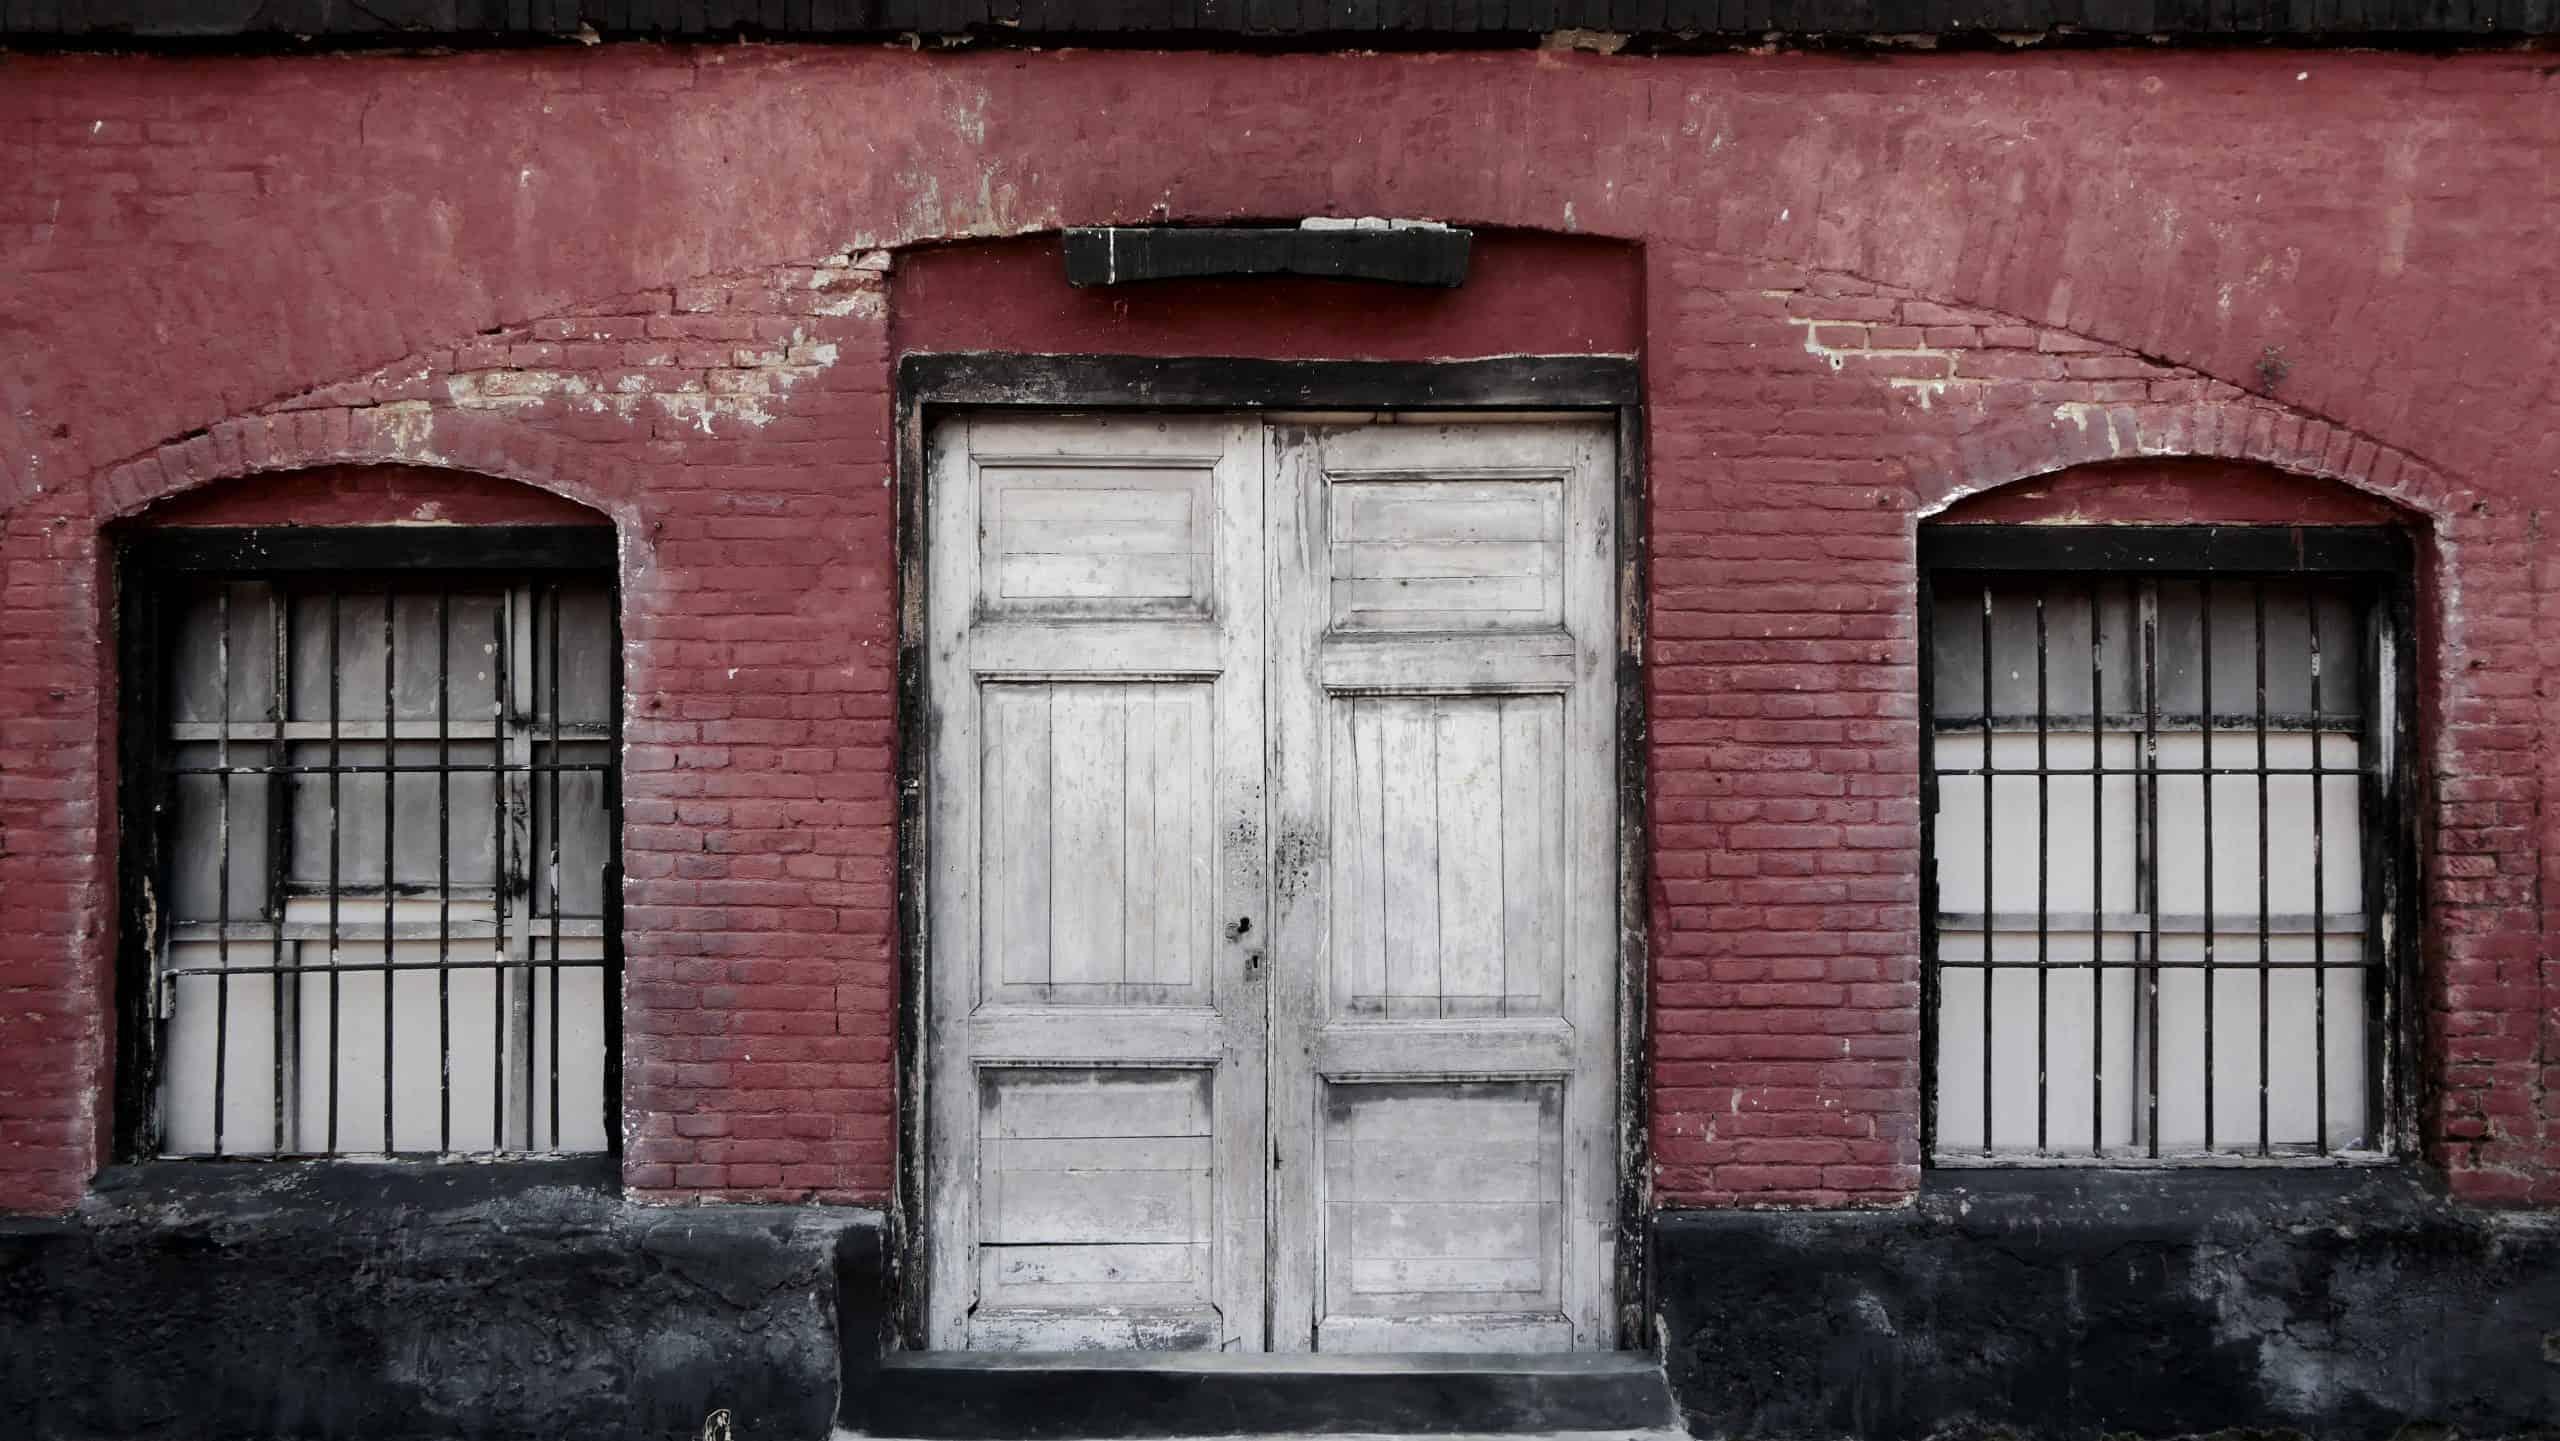 שיקום מבנים מסוכנים - מה זה אומר?